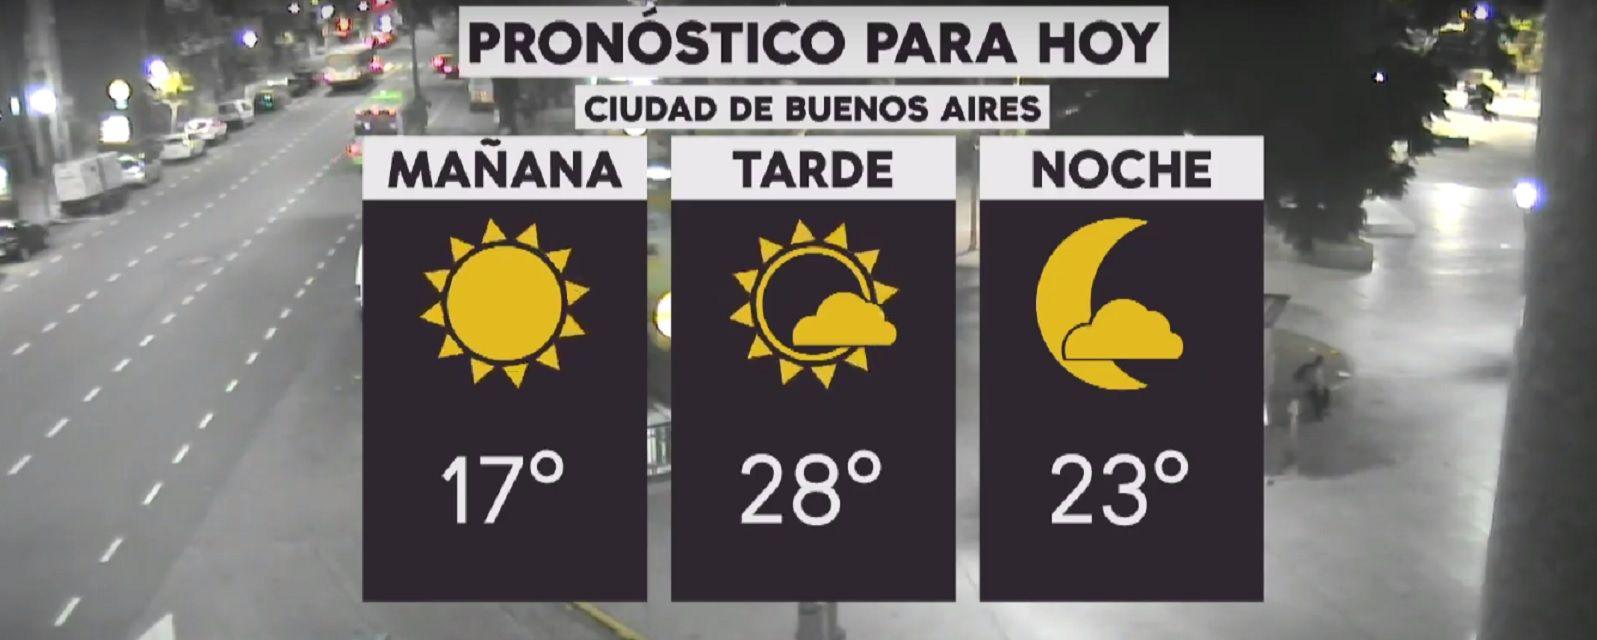 Pronóstico del tiempo del martes 9 de abril de 2019